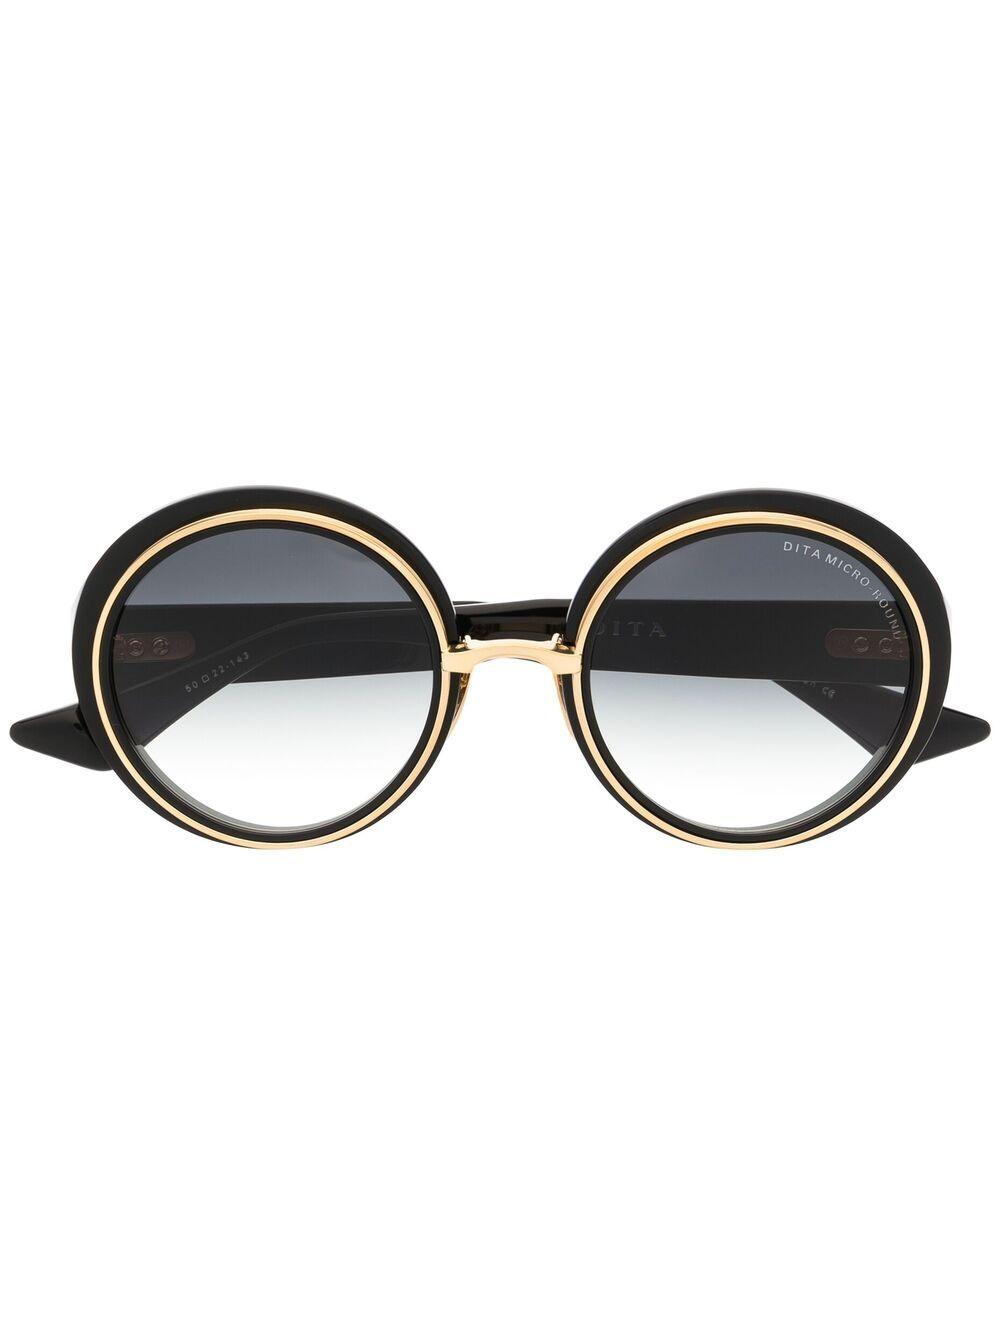 Dita Eyewear Micro-Round Sonnenbrille - Schwarz